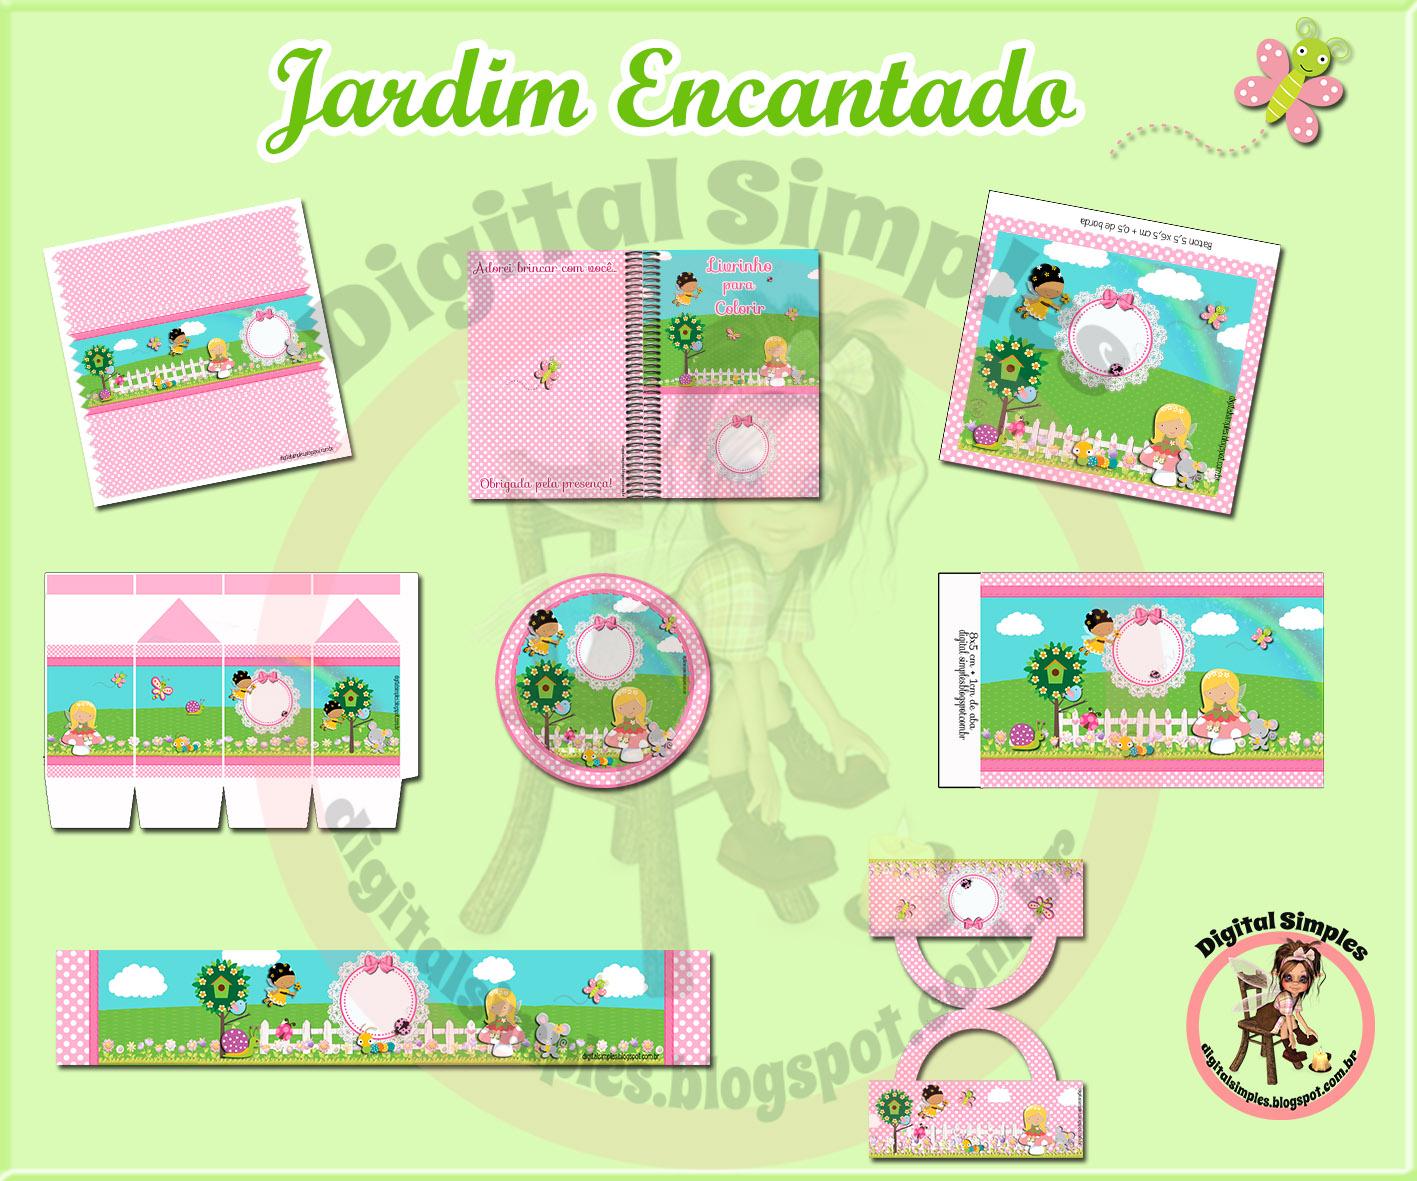 Kit Personalizados Jardim Encantado Para Imprimir Convites